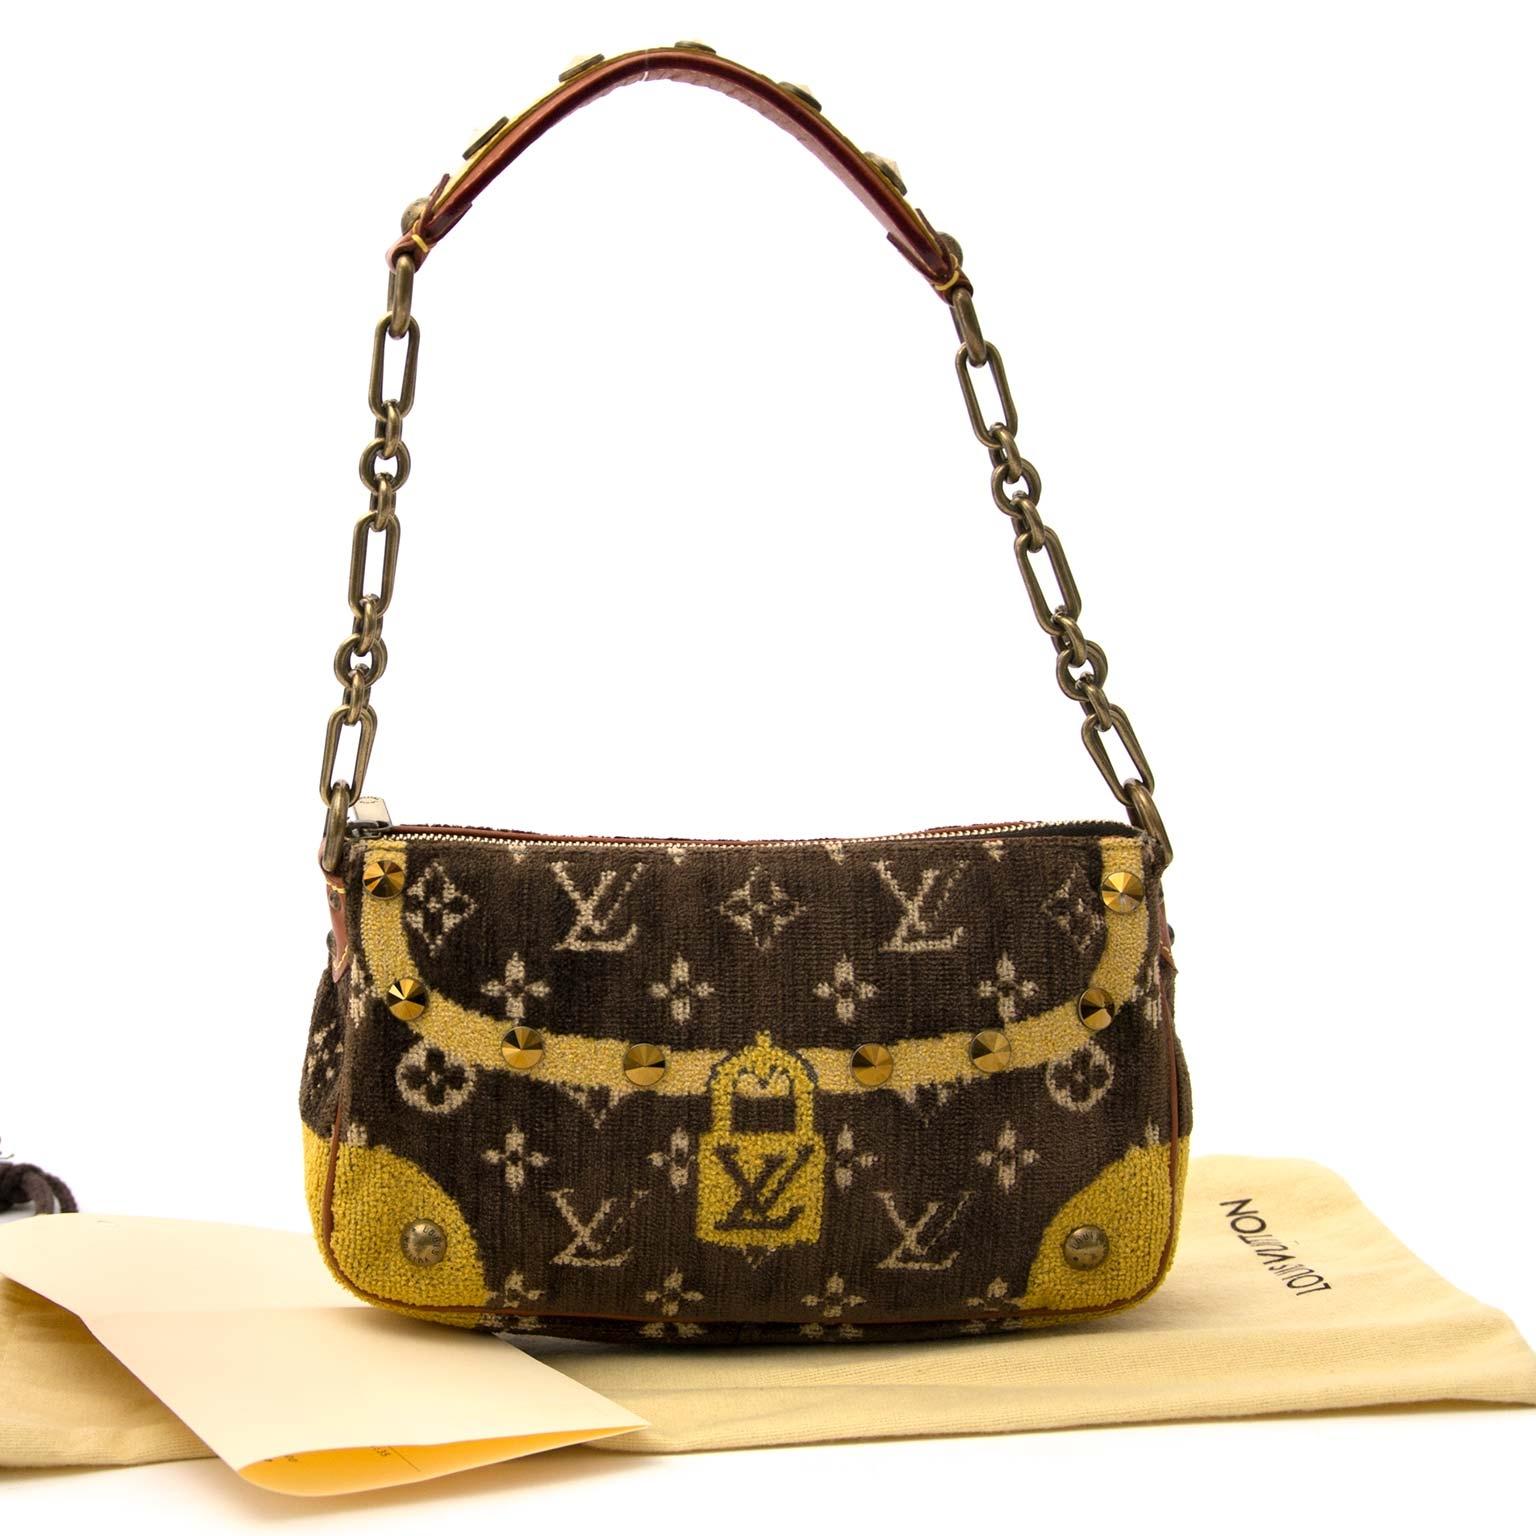 koop veilig online tegne de beste prijs Louis Vuitton Pochette Accessoire Trompe L'oeil